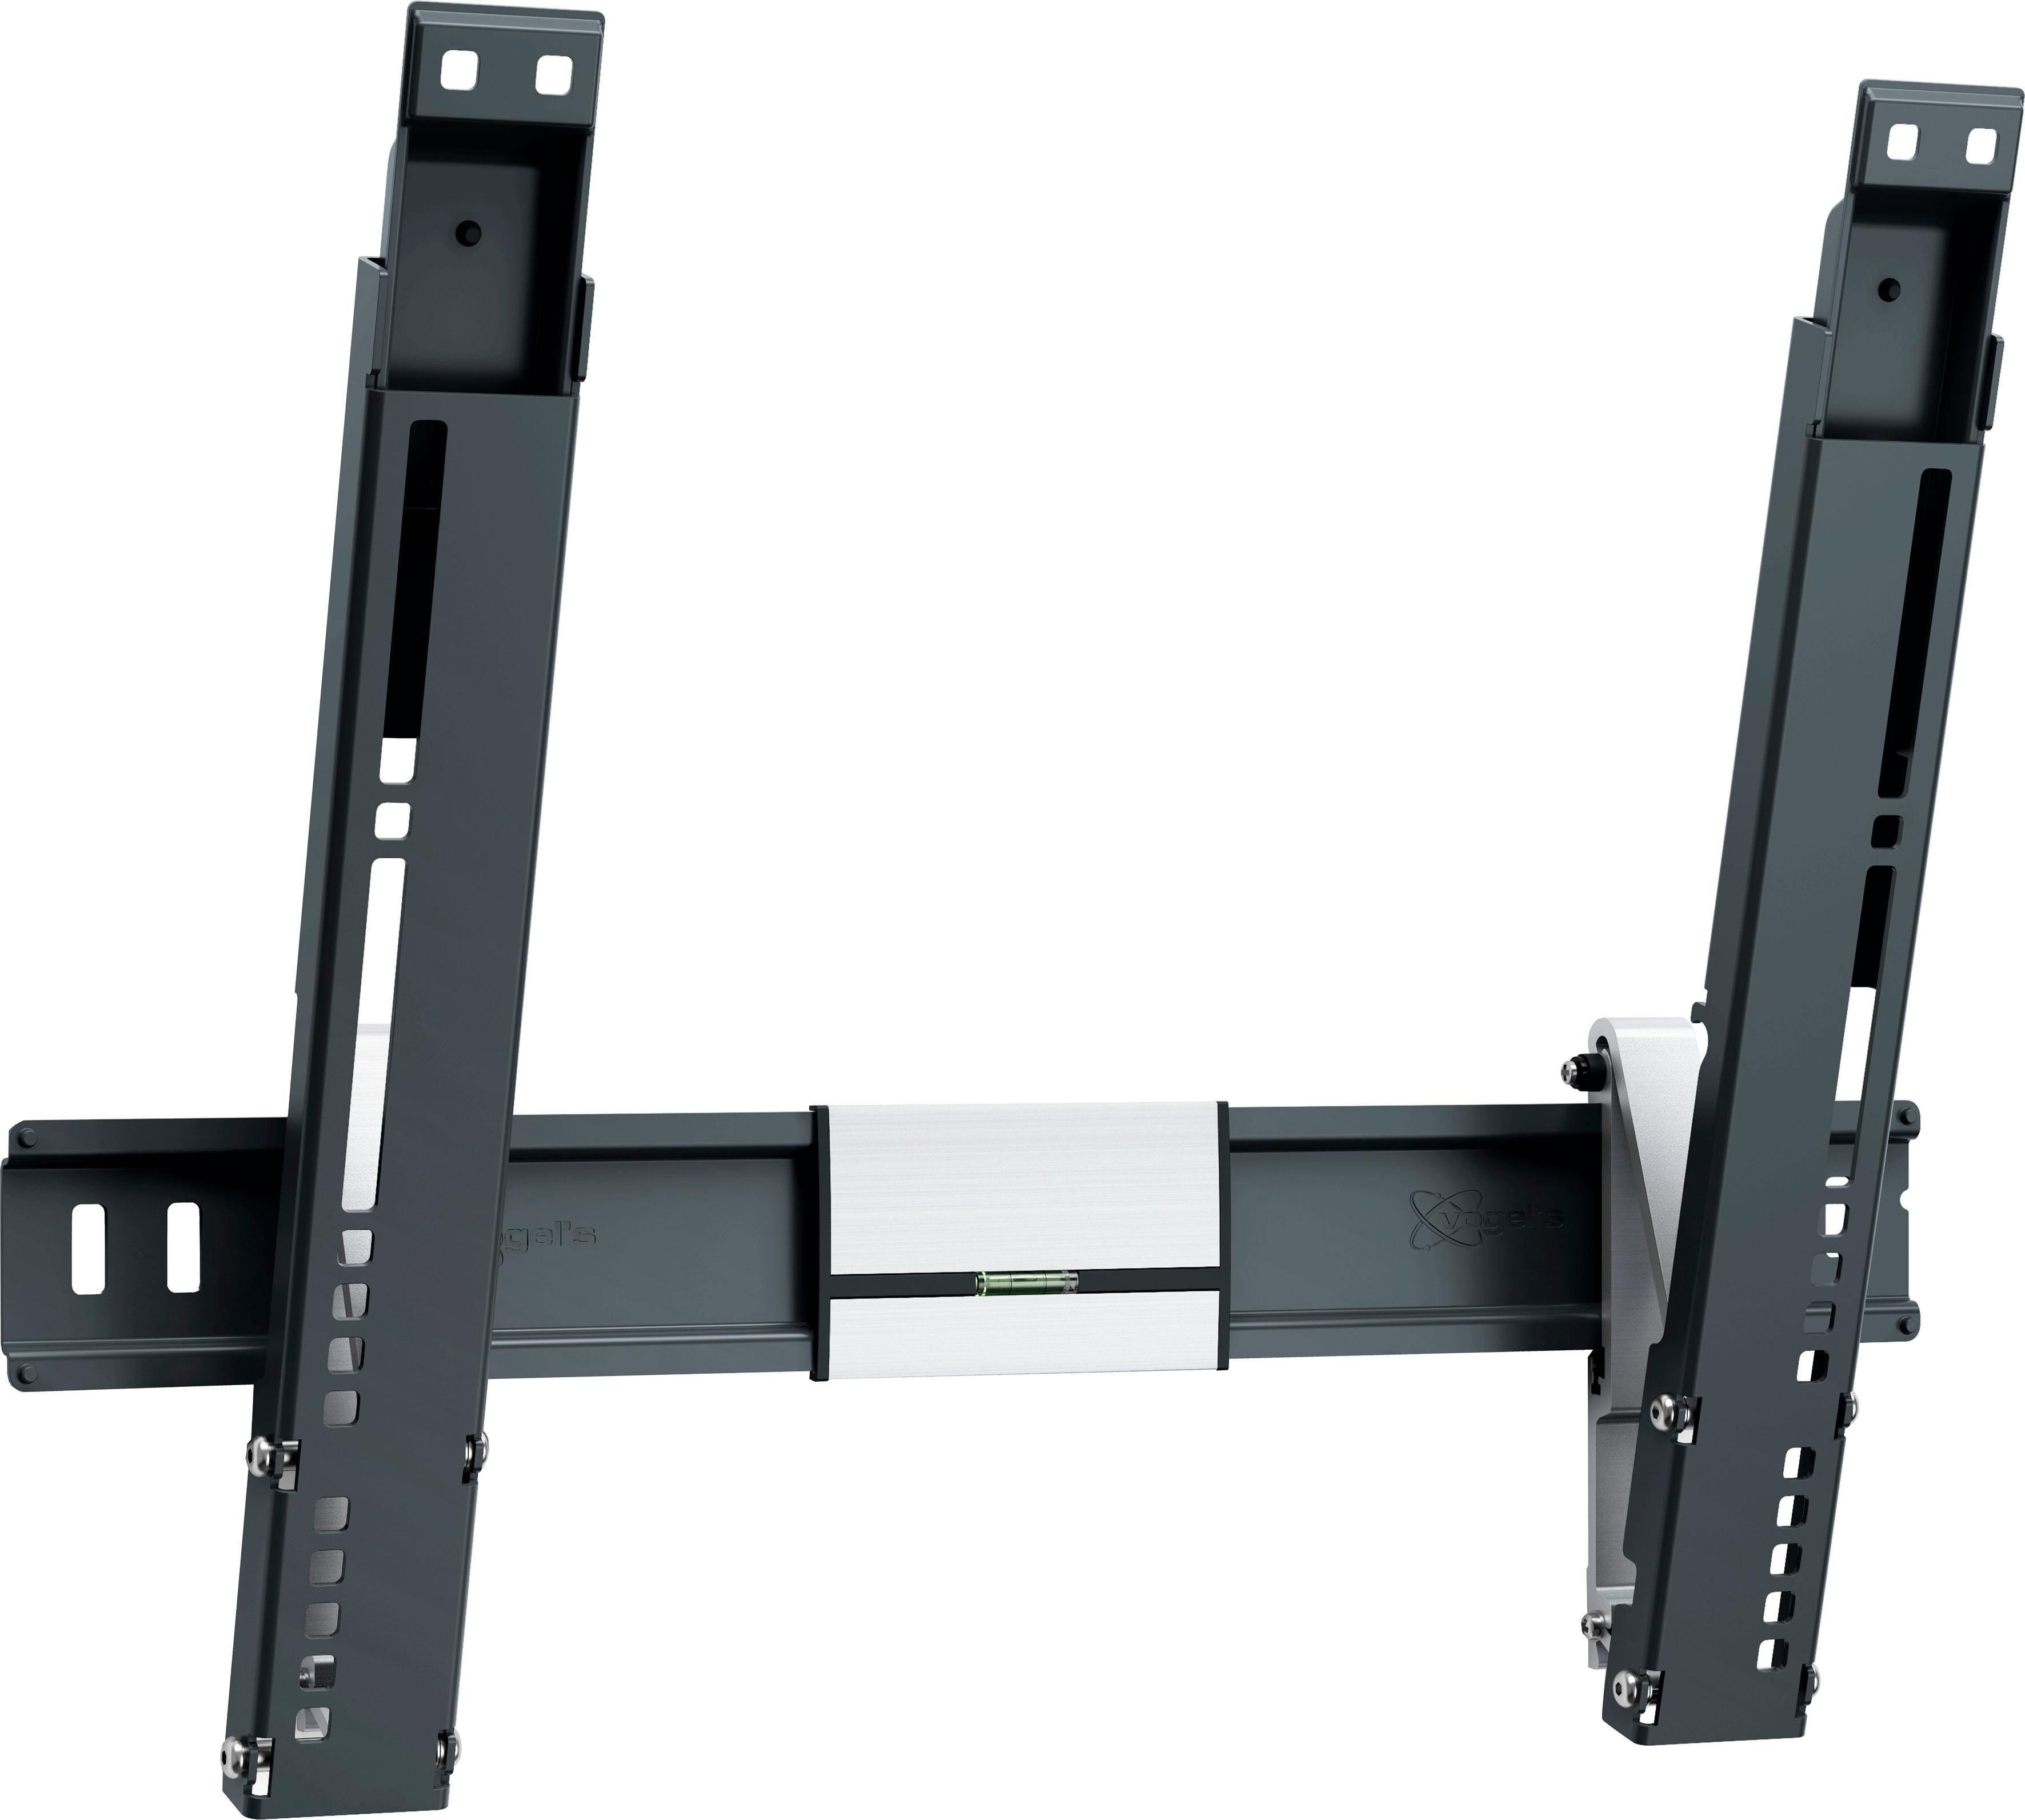 vogel's® TV-Wandhalterung »THIN 415« neigbar, für 66-140 cm (26-55 Zoll) Fernseher, VESA 400x400